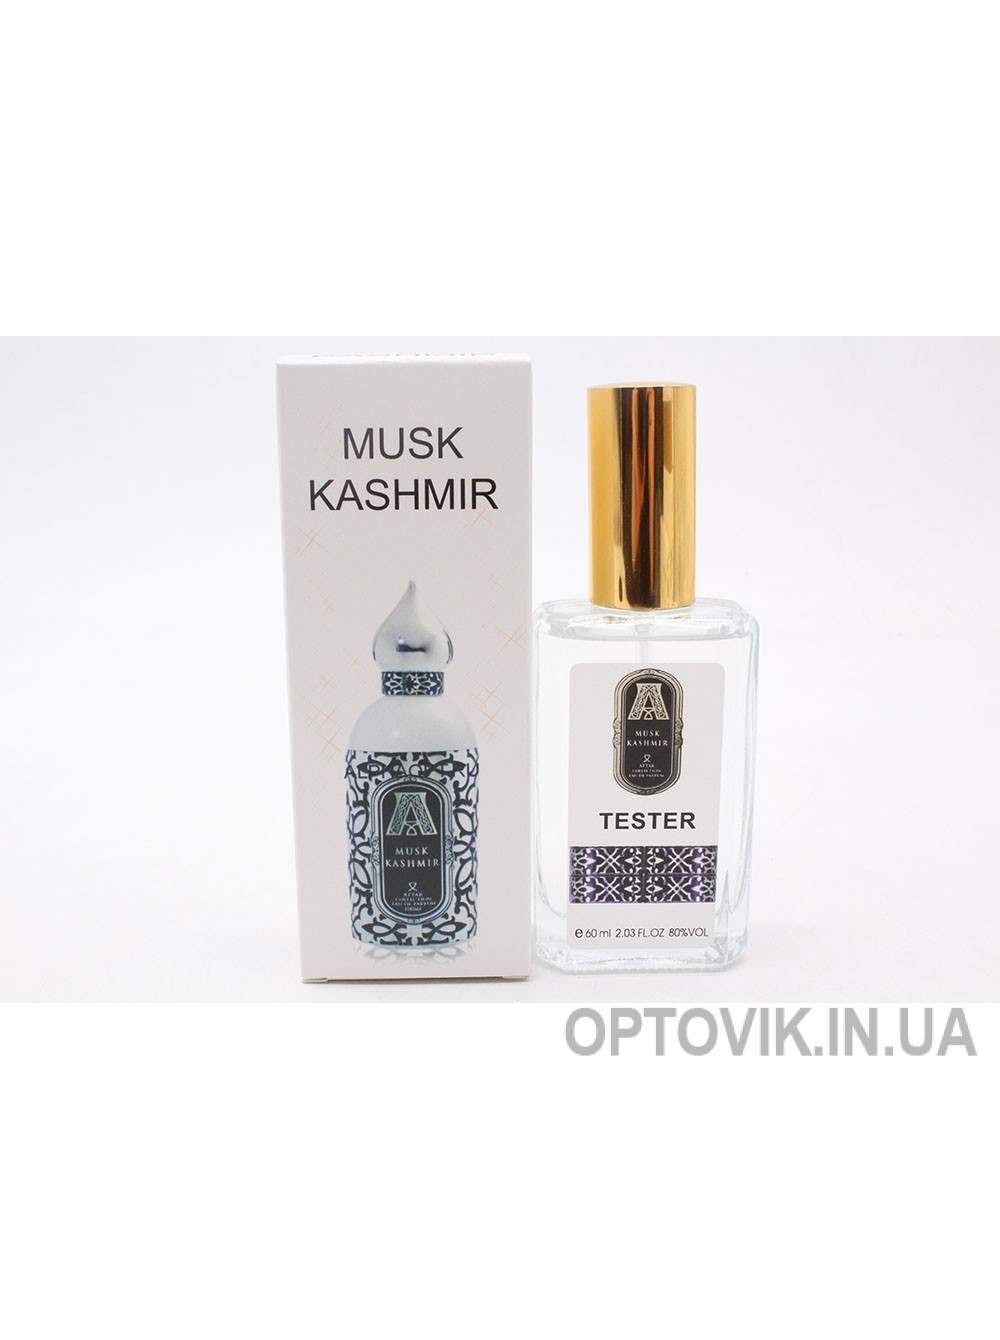 Женский парфюм тестер: Musk kashmir 60мл